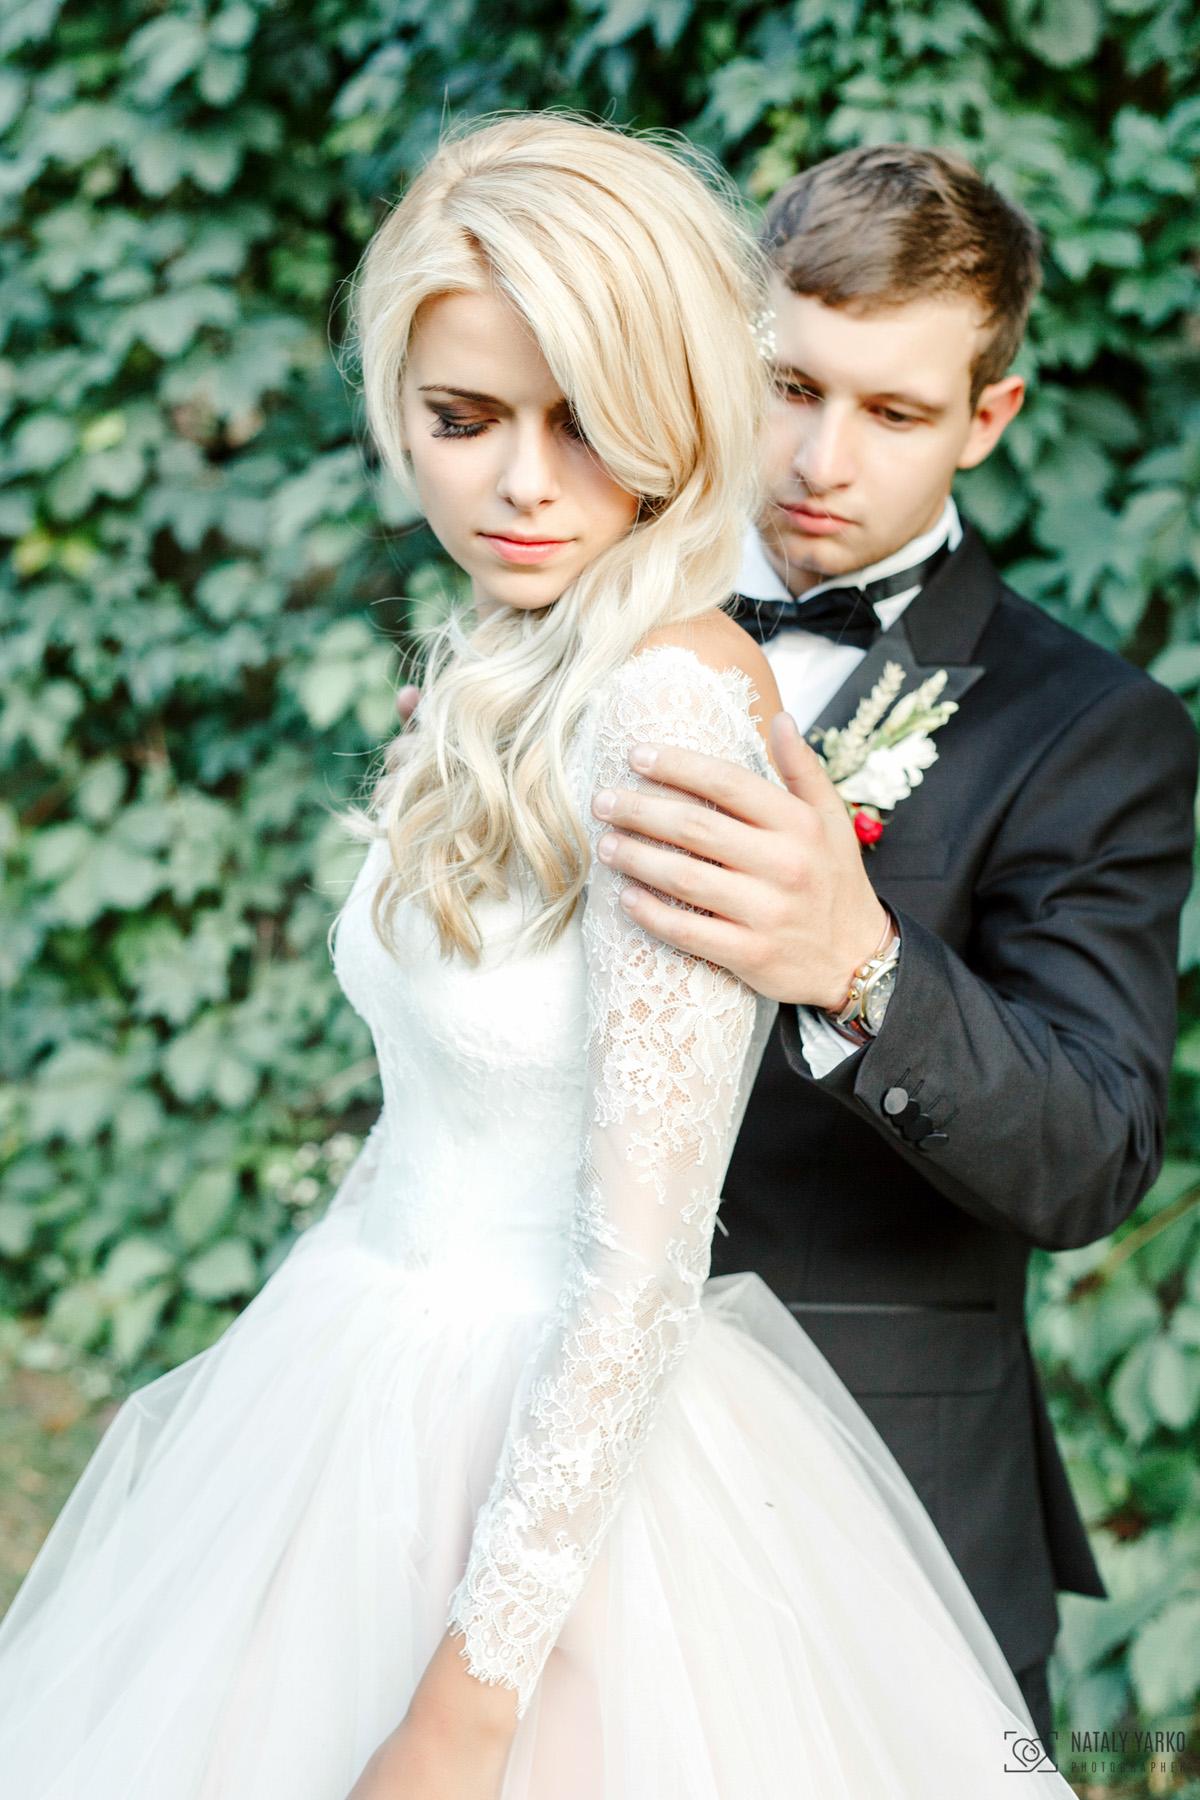 Свадебное портфолио, невеста и жених